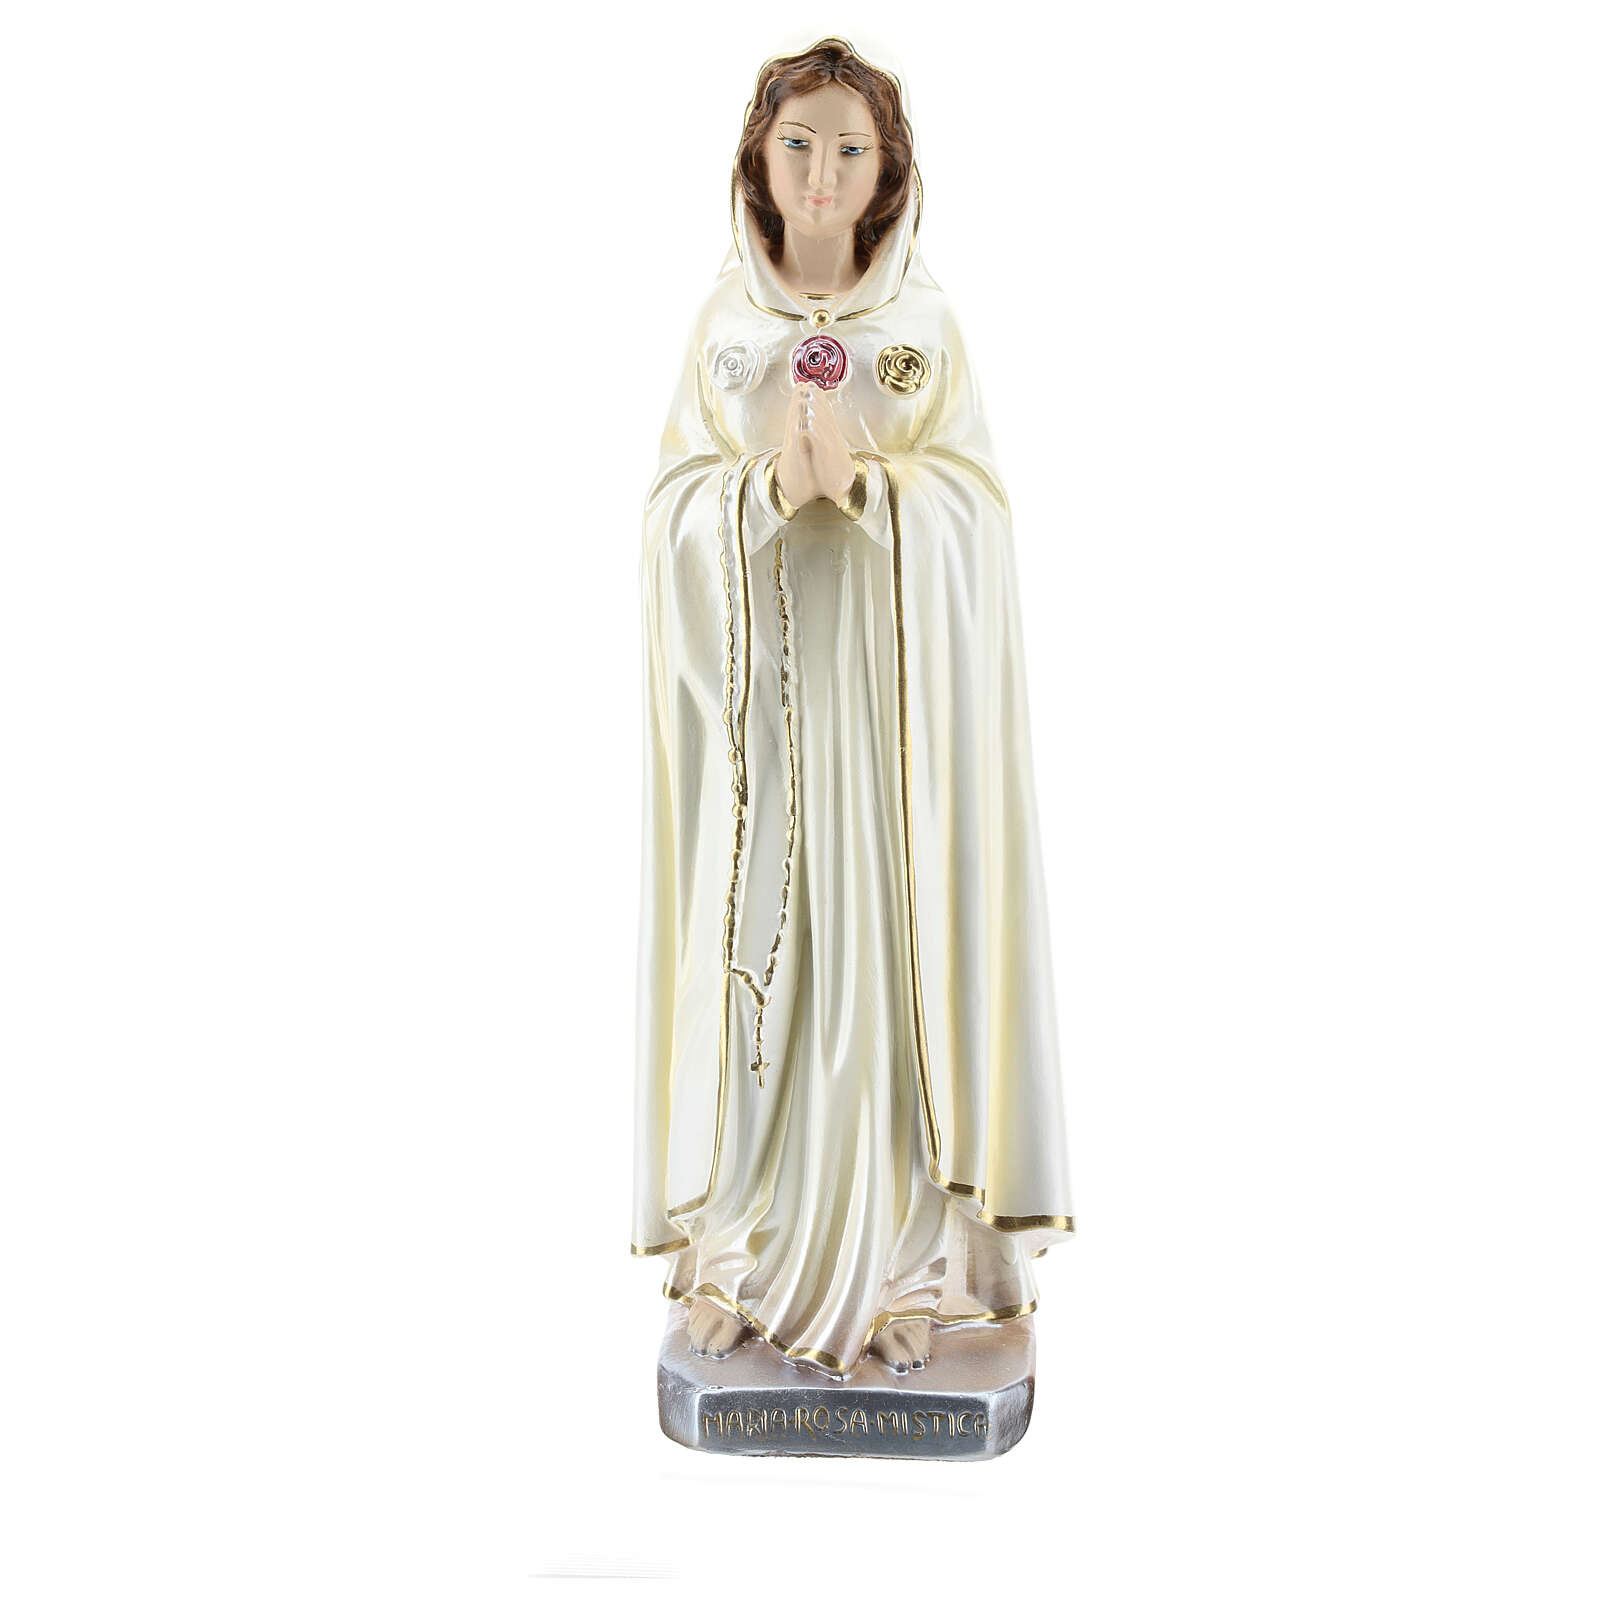 Statua Maria Rosa Mistica gesso madreperlato 30 cm 4